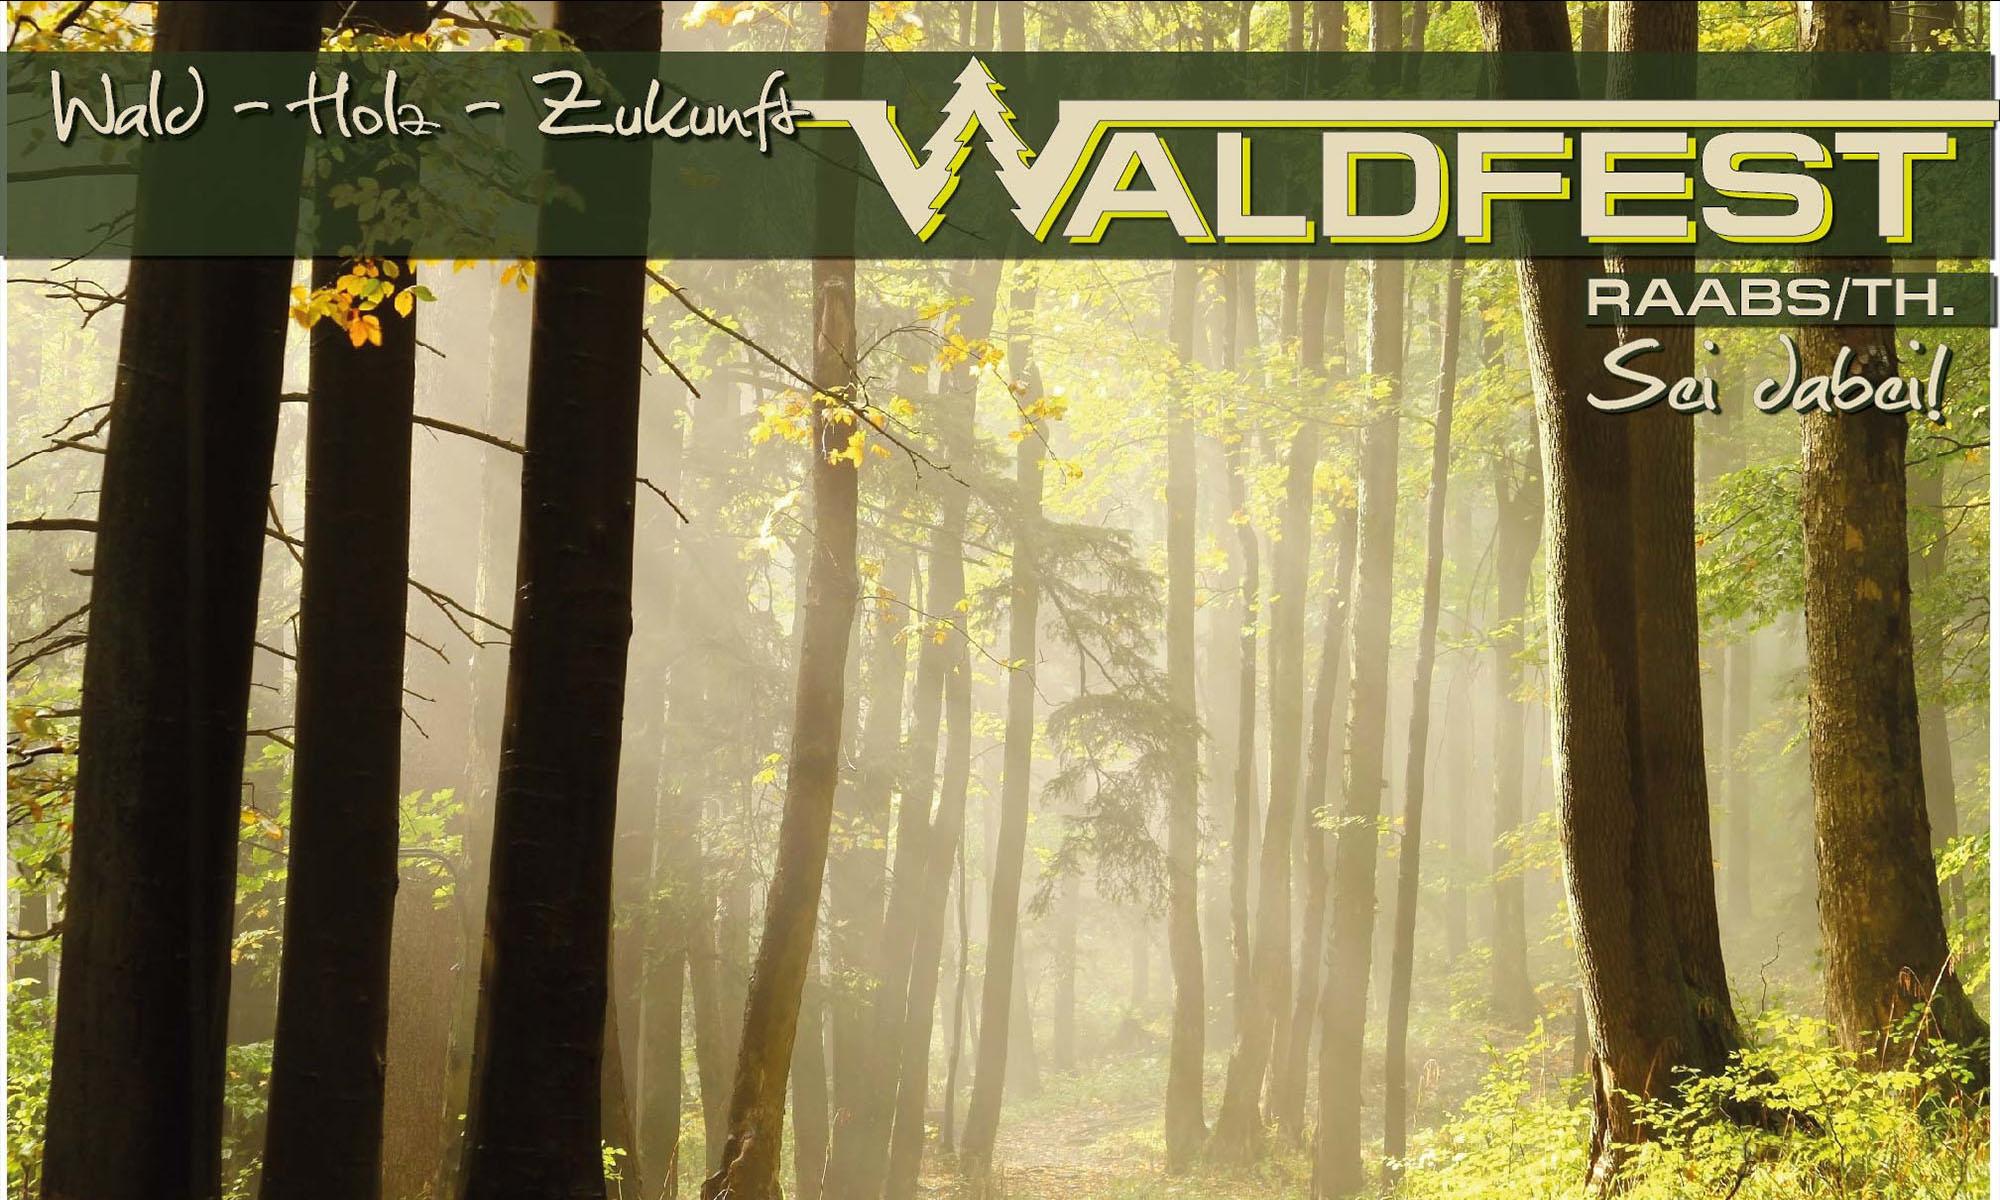 Waldfest Raabs/Thaya